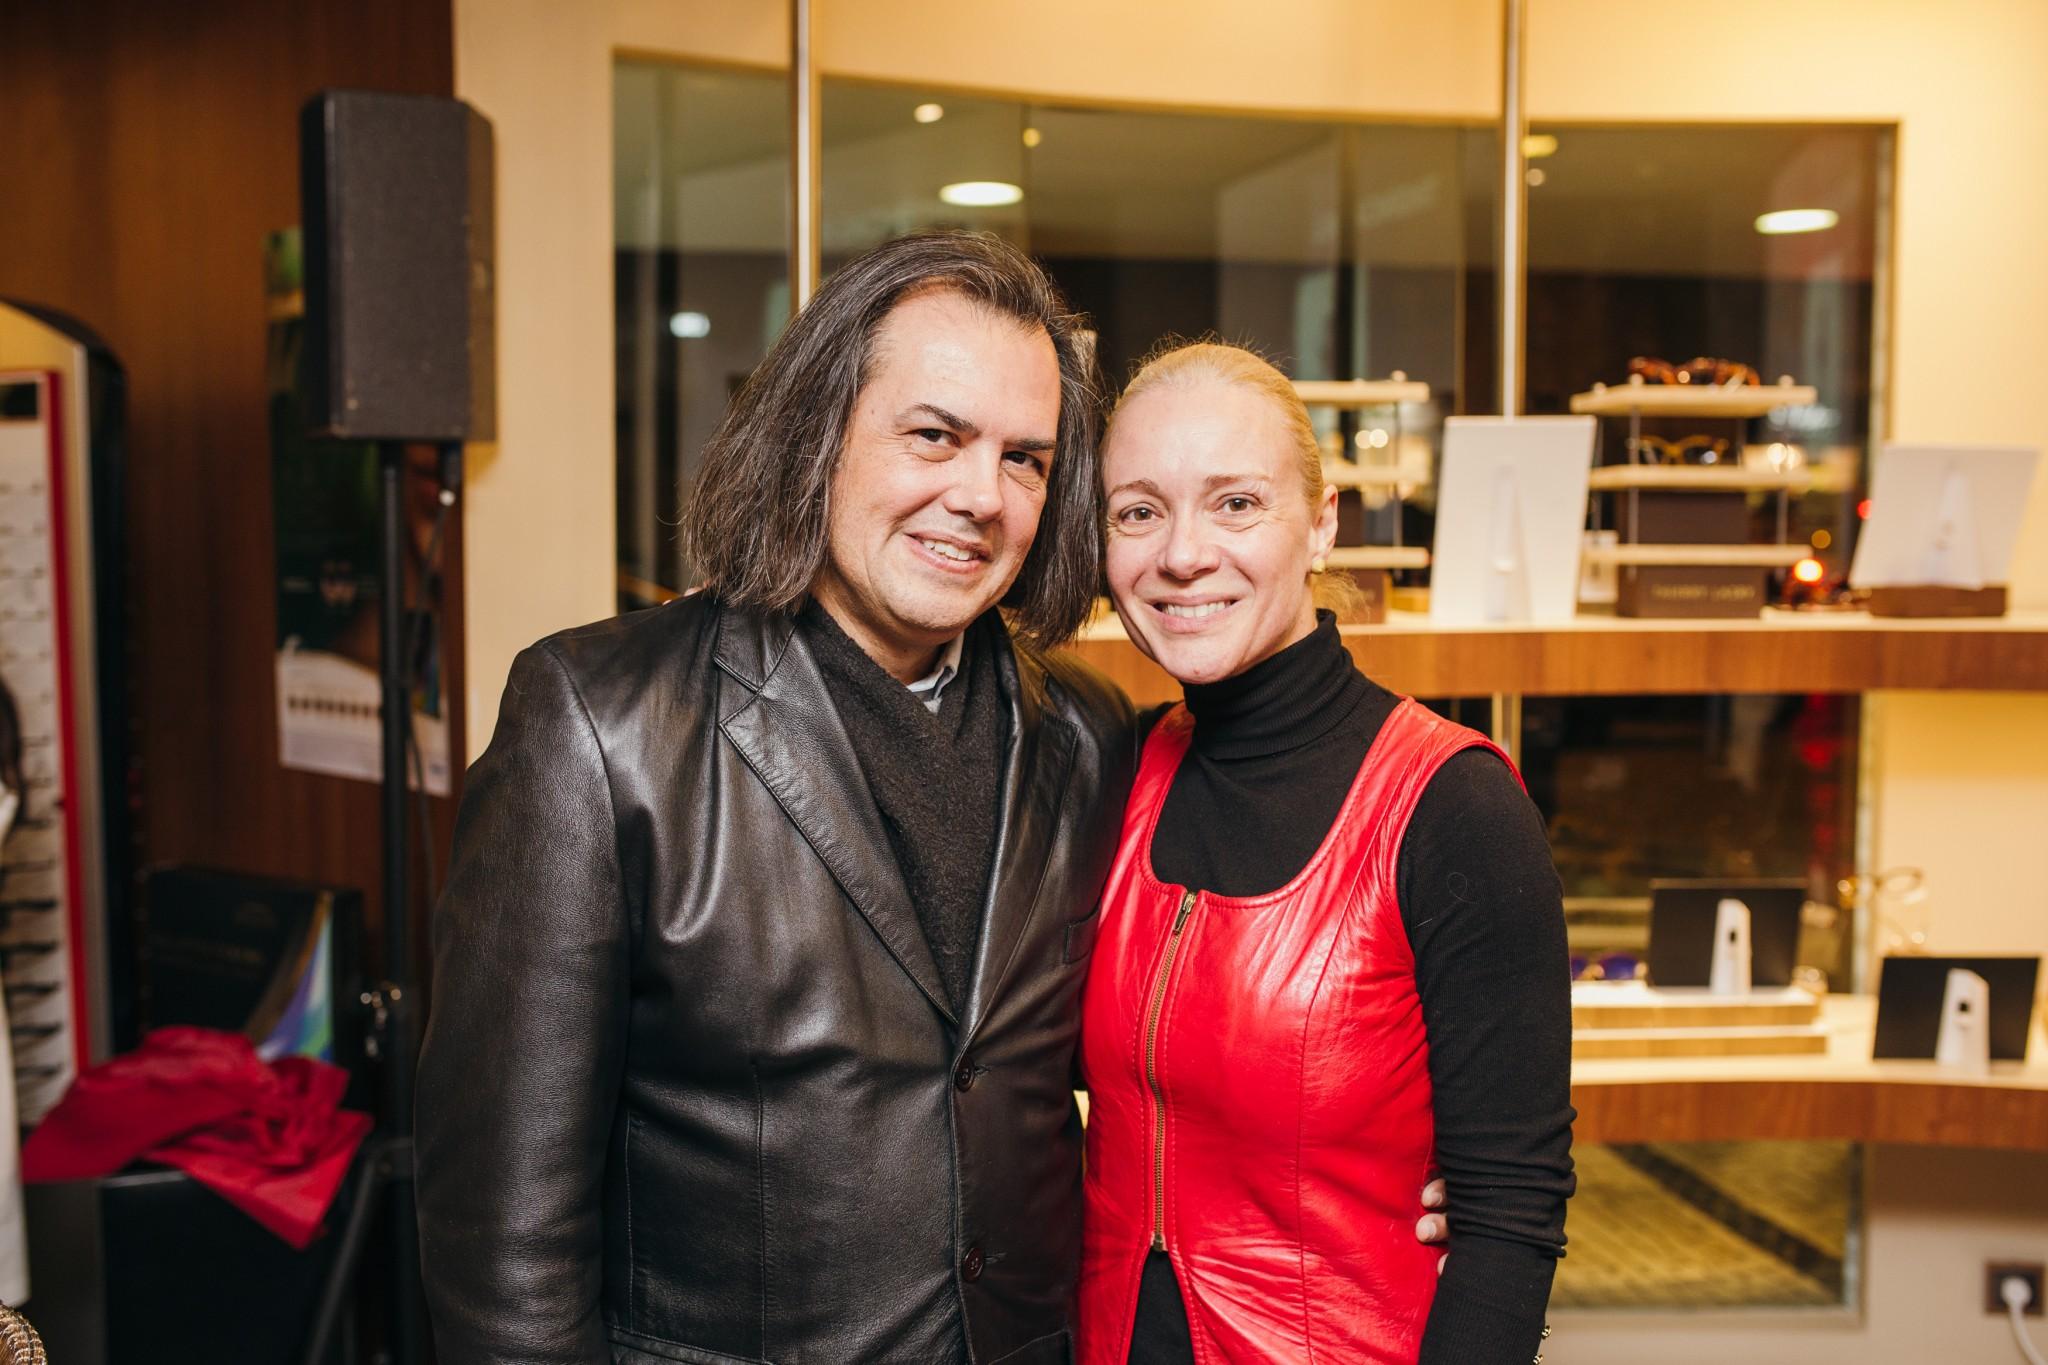 Carla Andrino Quebra Silencio Sobre A Luta Contra O Cancro Da Mama